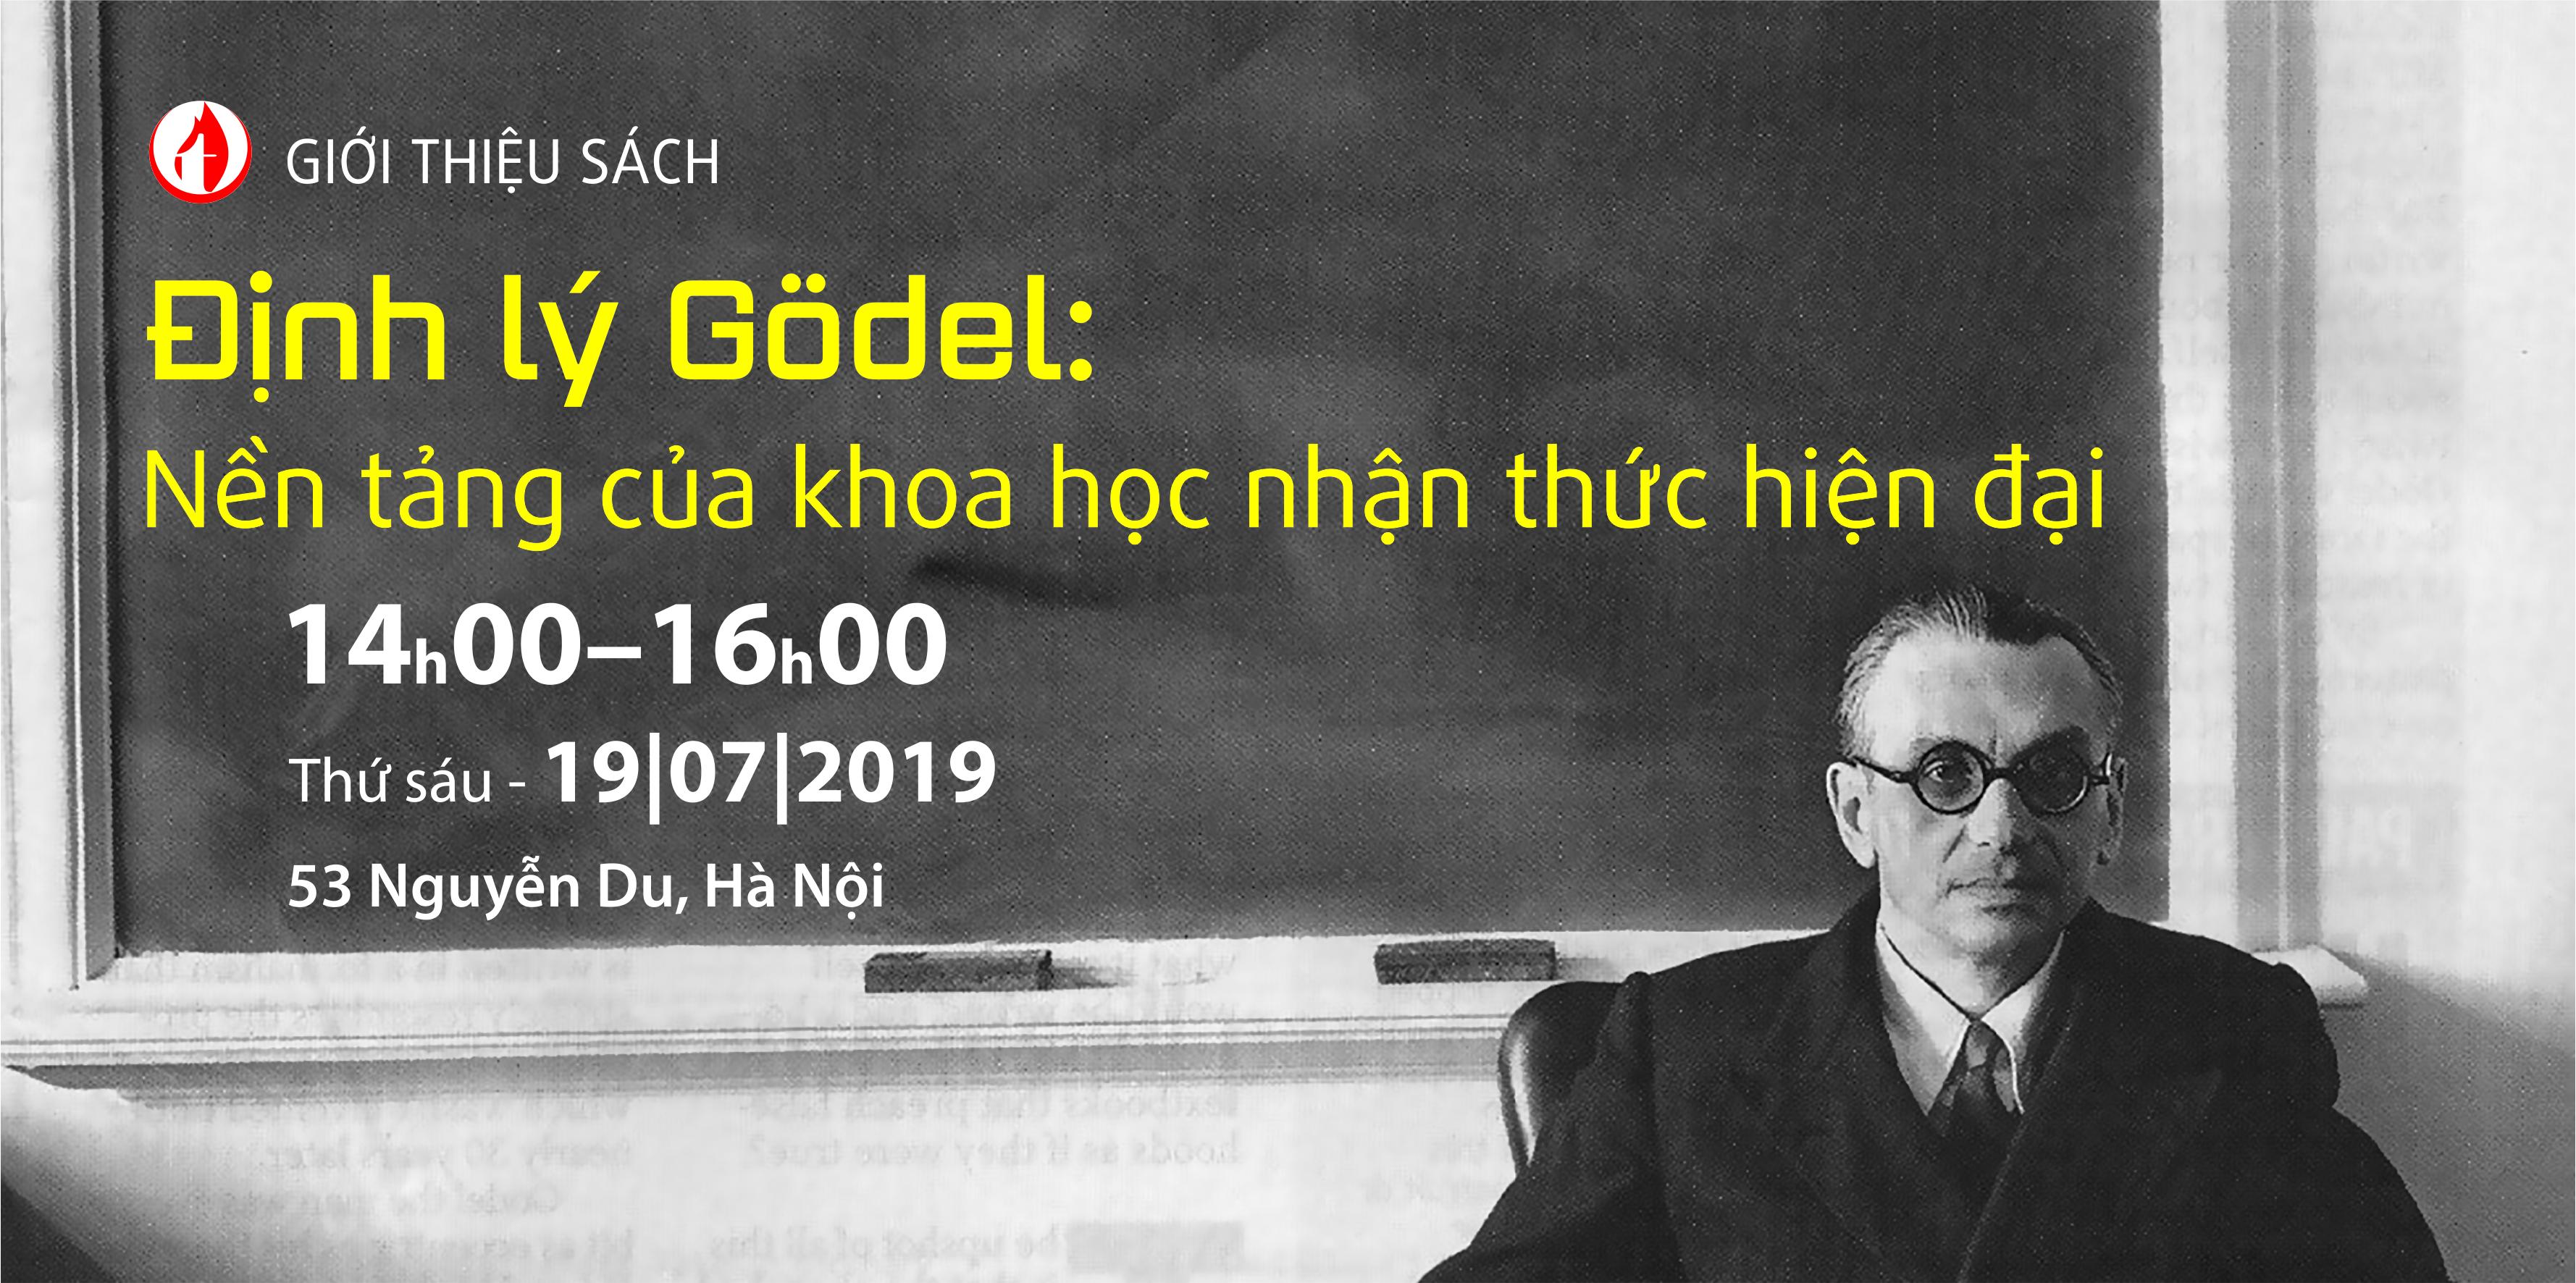 GIỚI THIỆU SÁCH Định lý Gödel – Nền tảng của khoa học nhận thức hiện đại